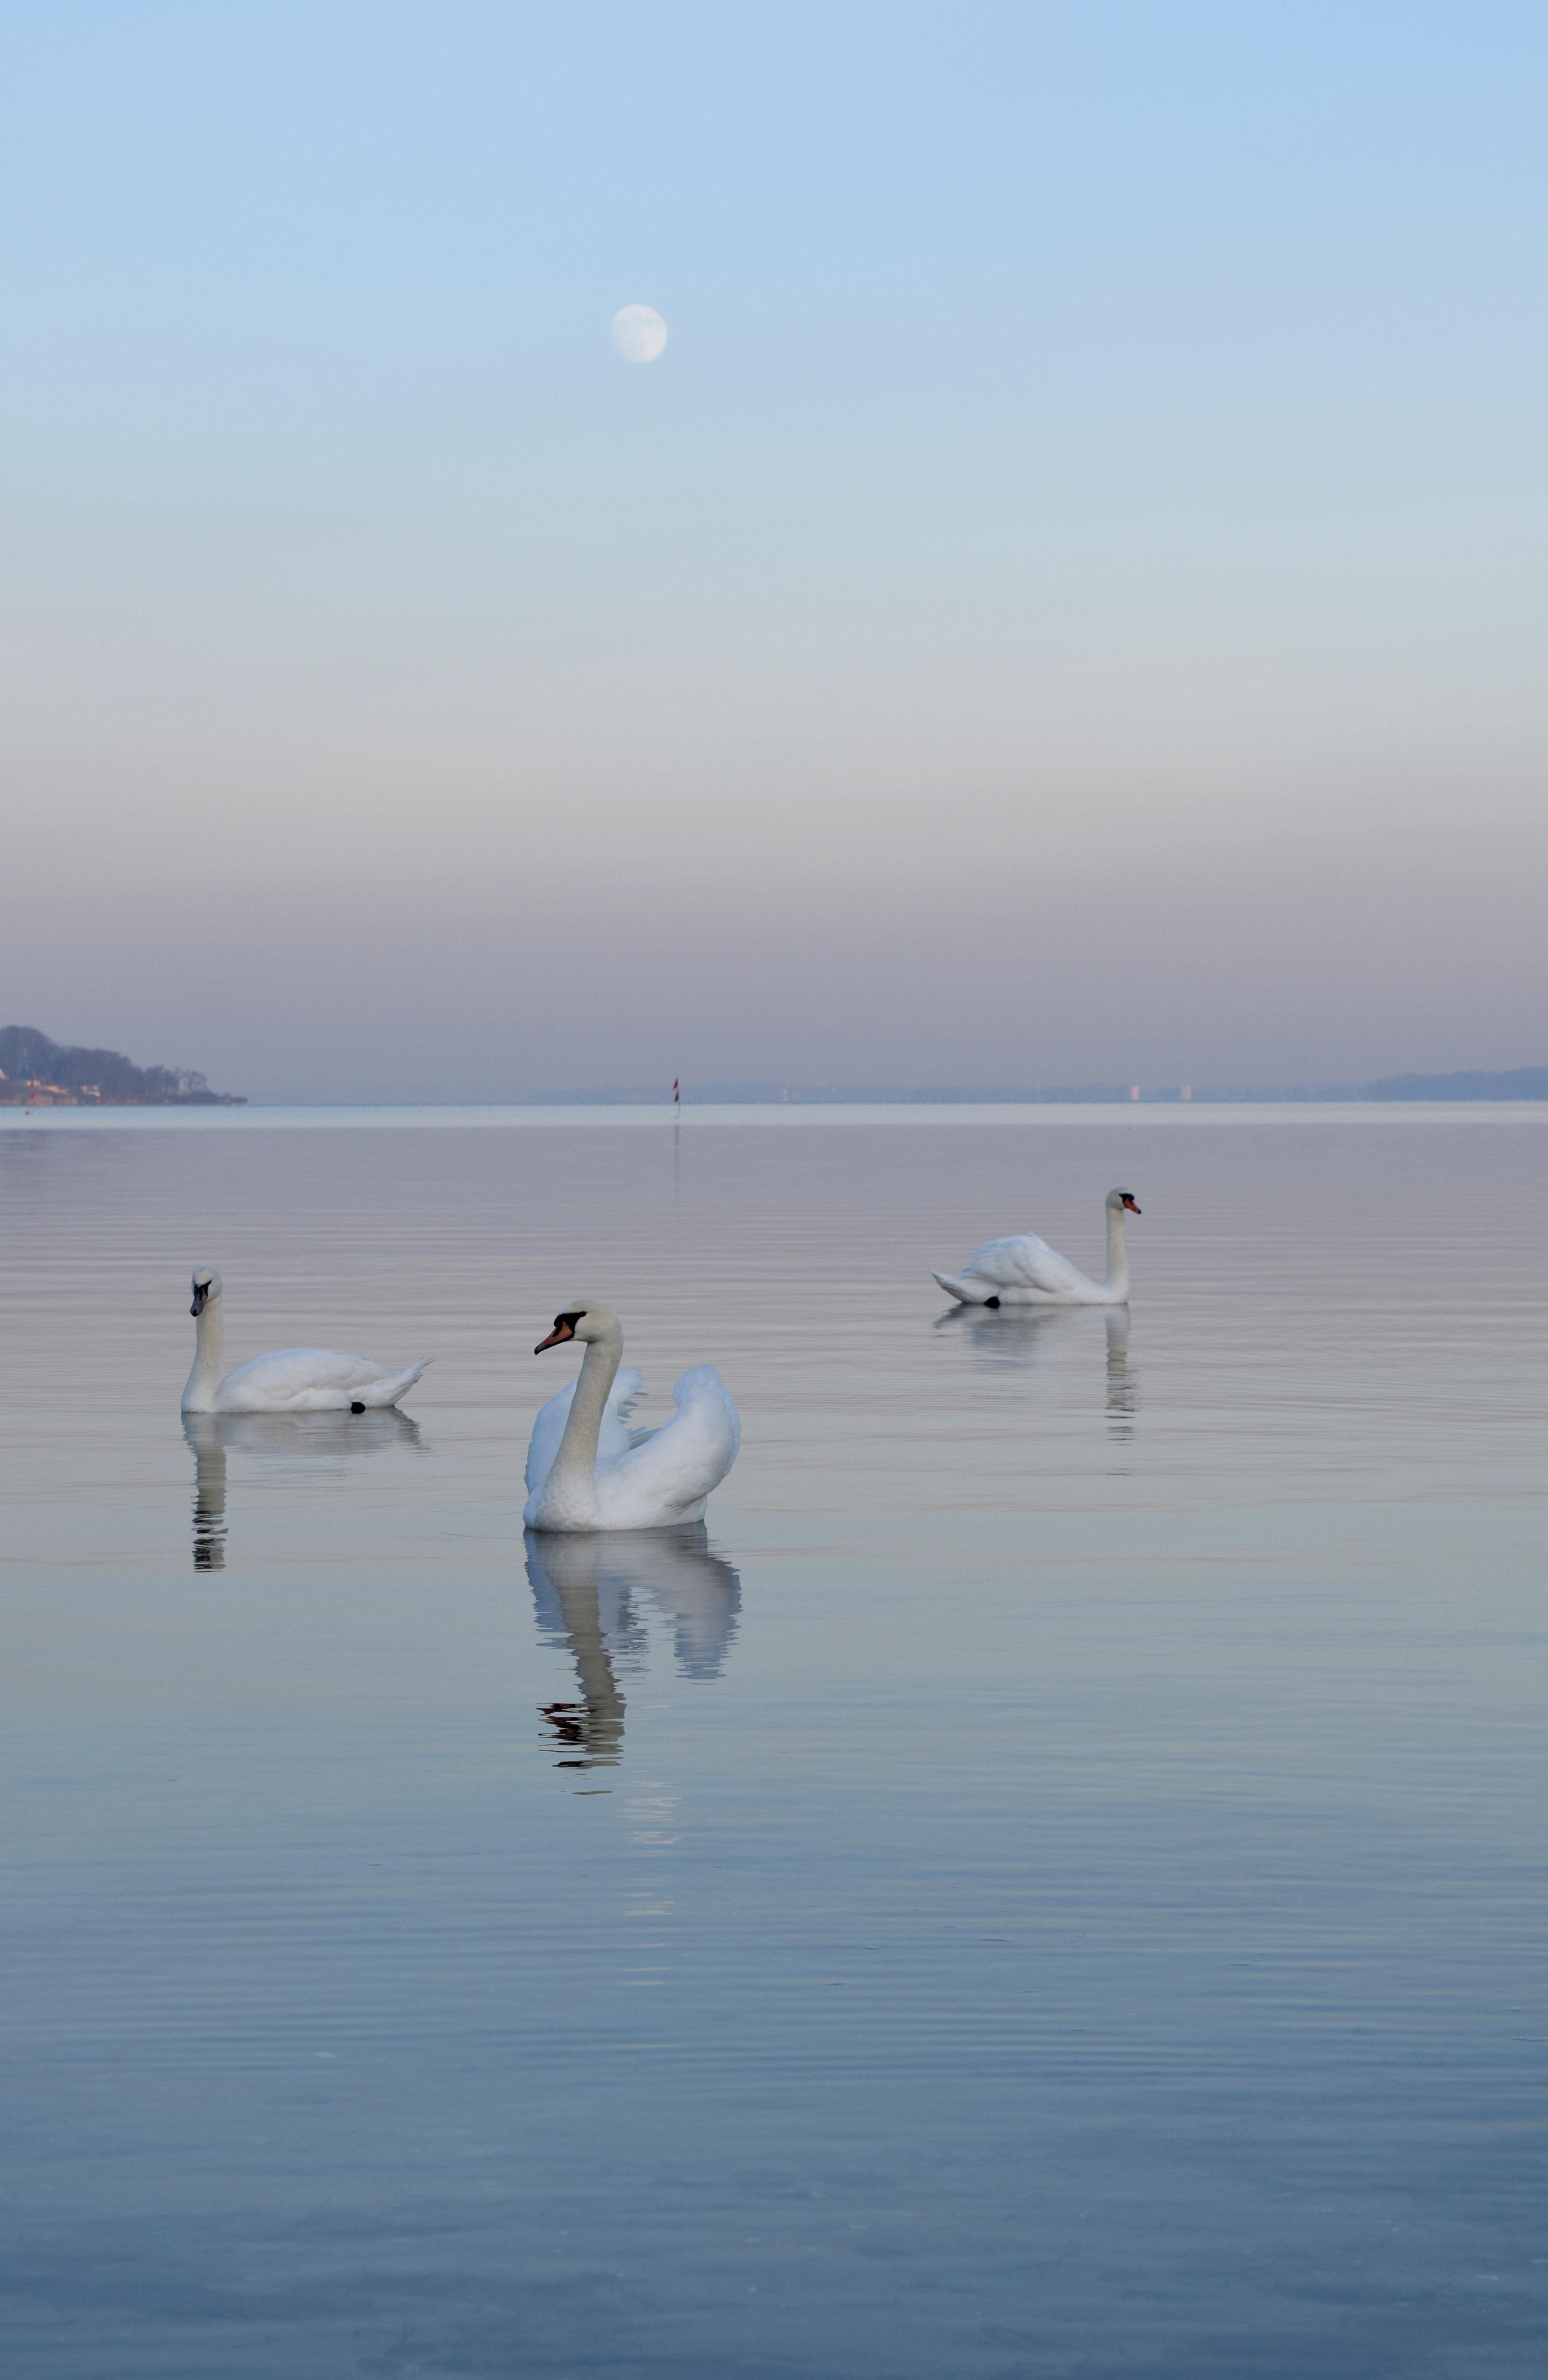 112135 Hintergrundbild herunterladen Tiere, Vögel, Wasser, Swans, Schwimmen, Horizont, Nebel - Bildschirmschoner und Bilder kostenlos